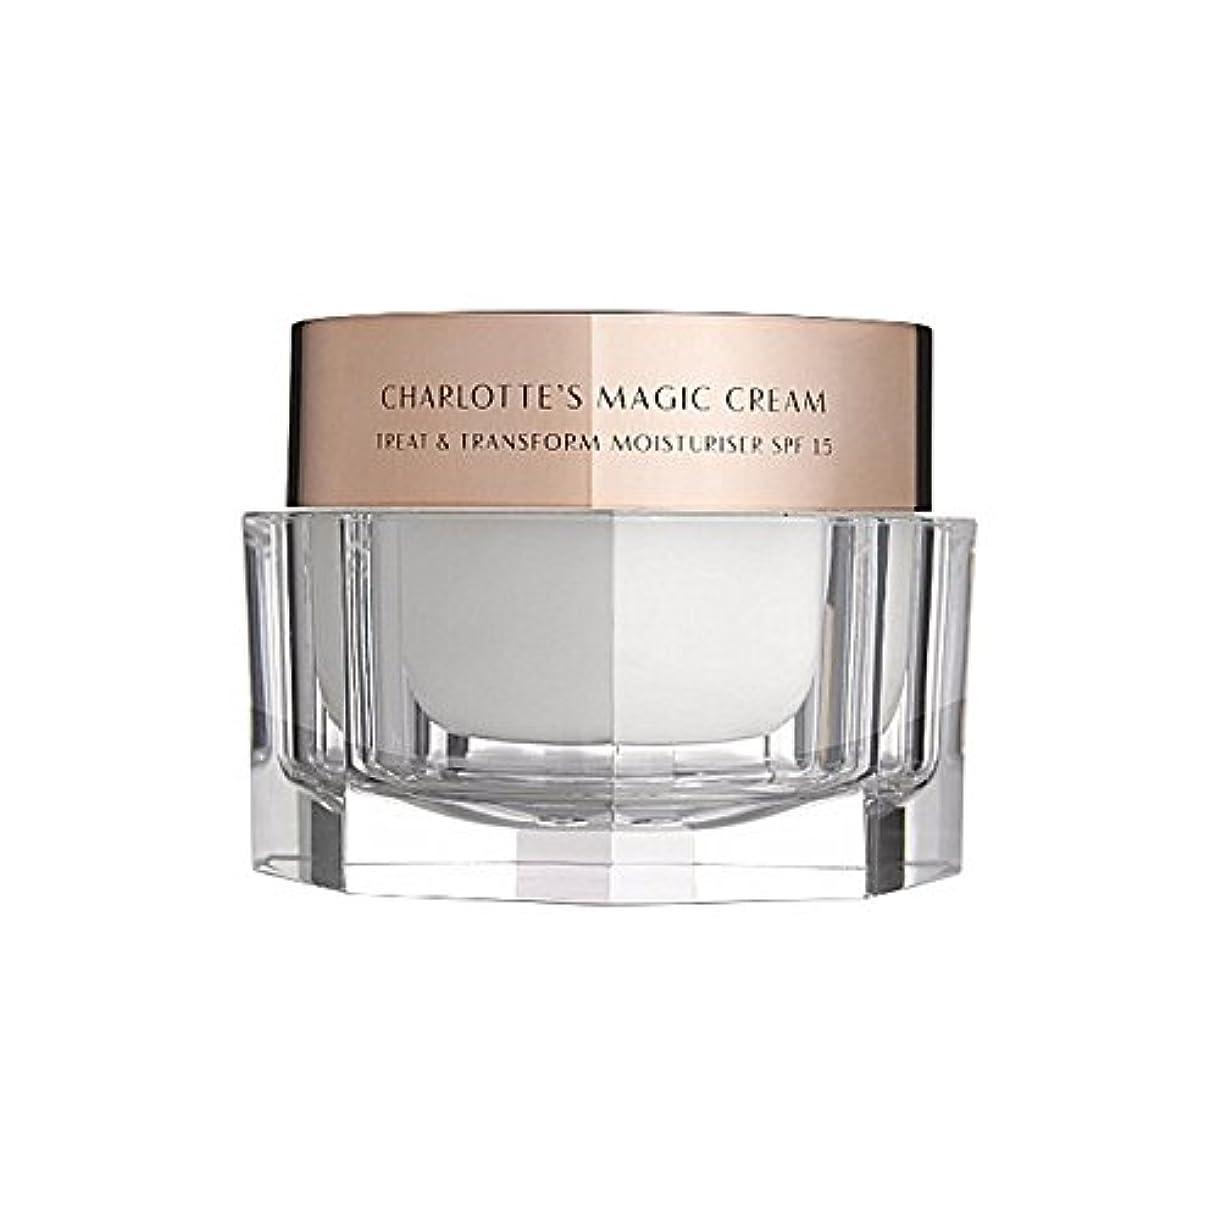 反逆先例突然Charlotte Tilbury Charlotte's Magic Cream Treat & Transform Moisturiser Spf 15 50Ml - シャーロット?ティルベリーシャーロットの魔法のクリームの御馳走&モイスチャライザー 15 50ミリリットルを変換 [並行輸入品]